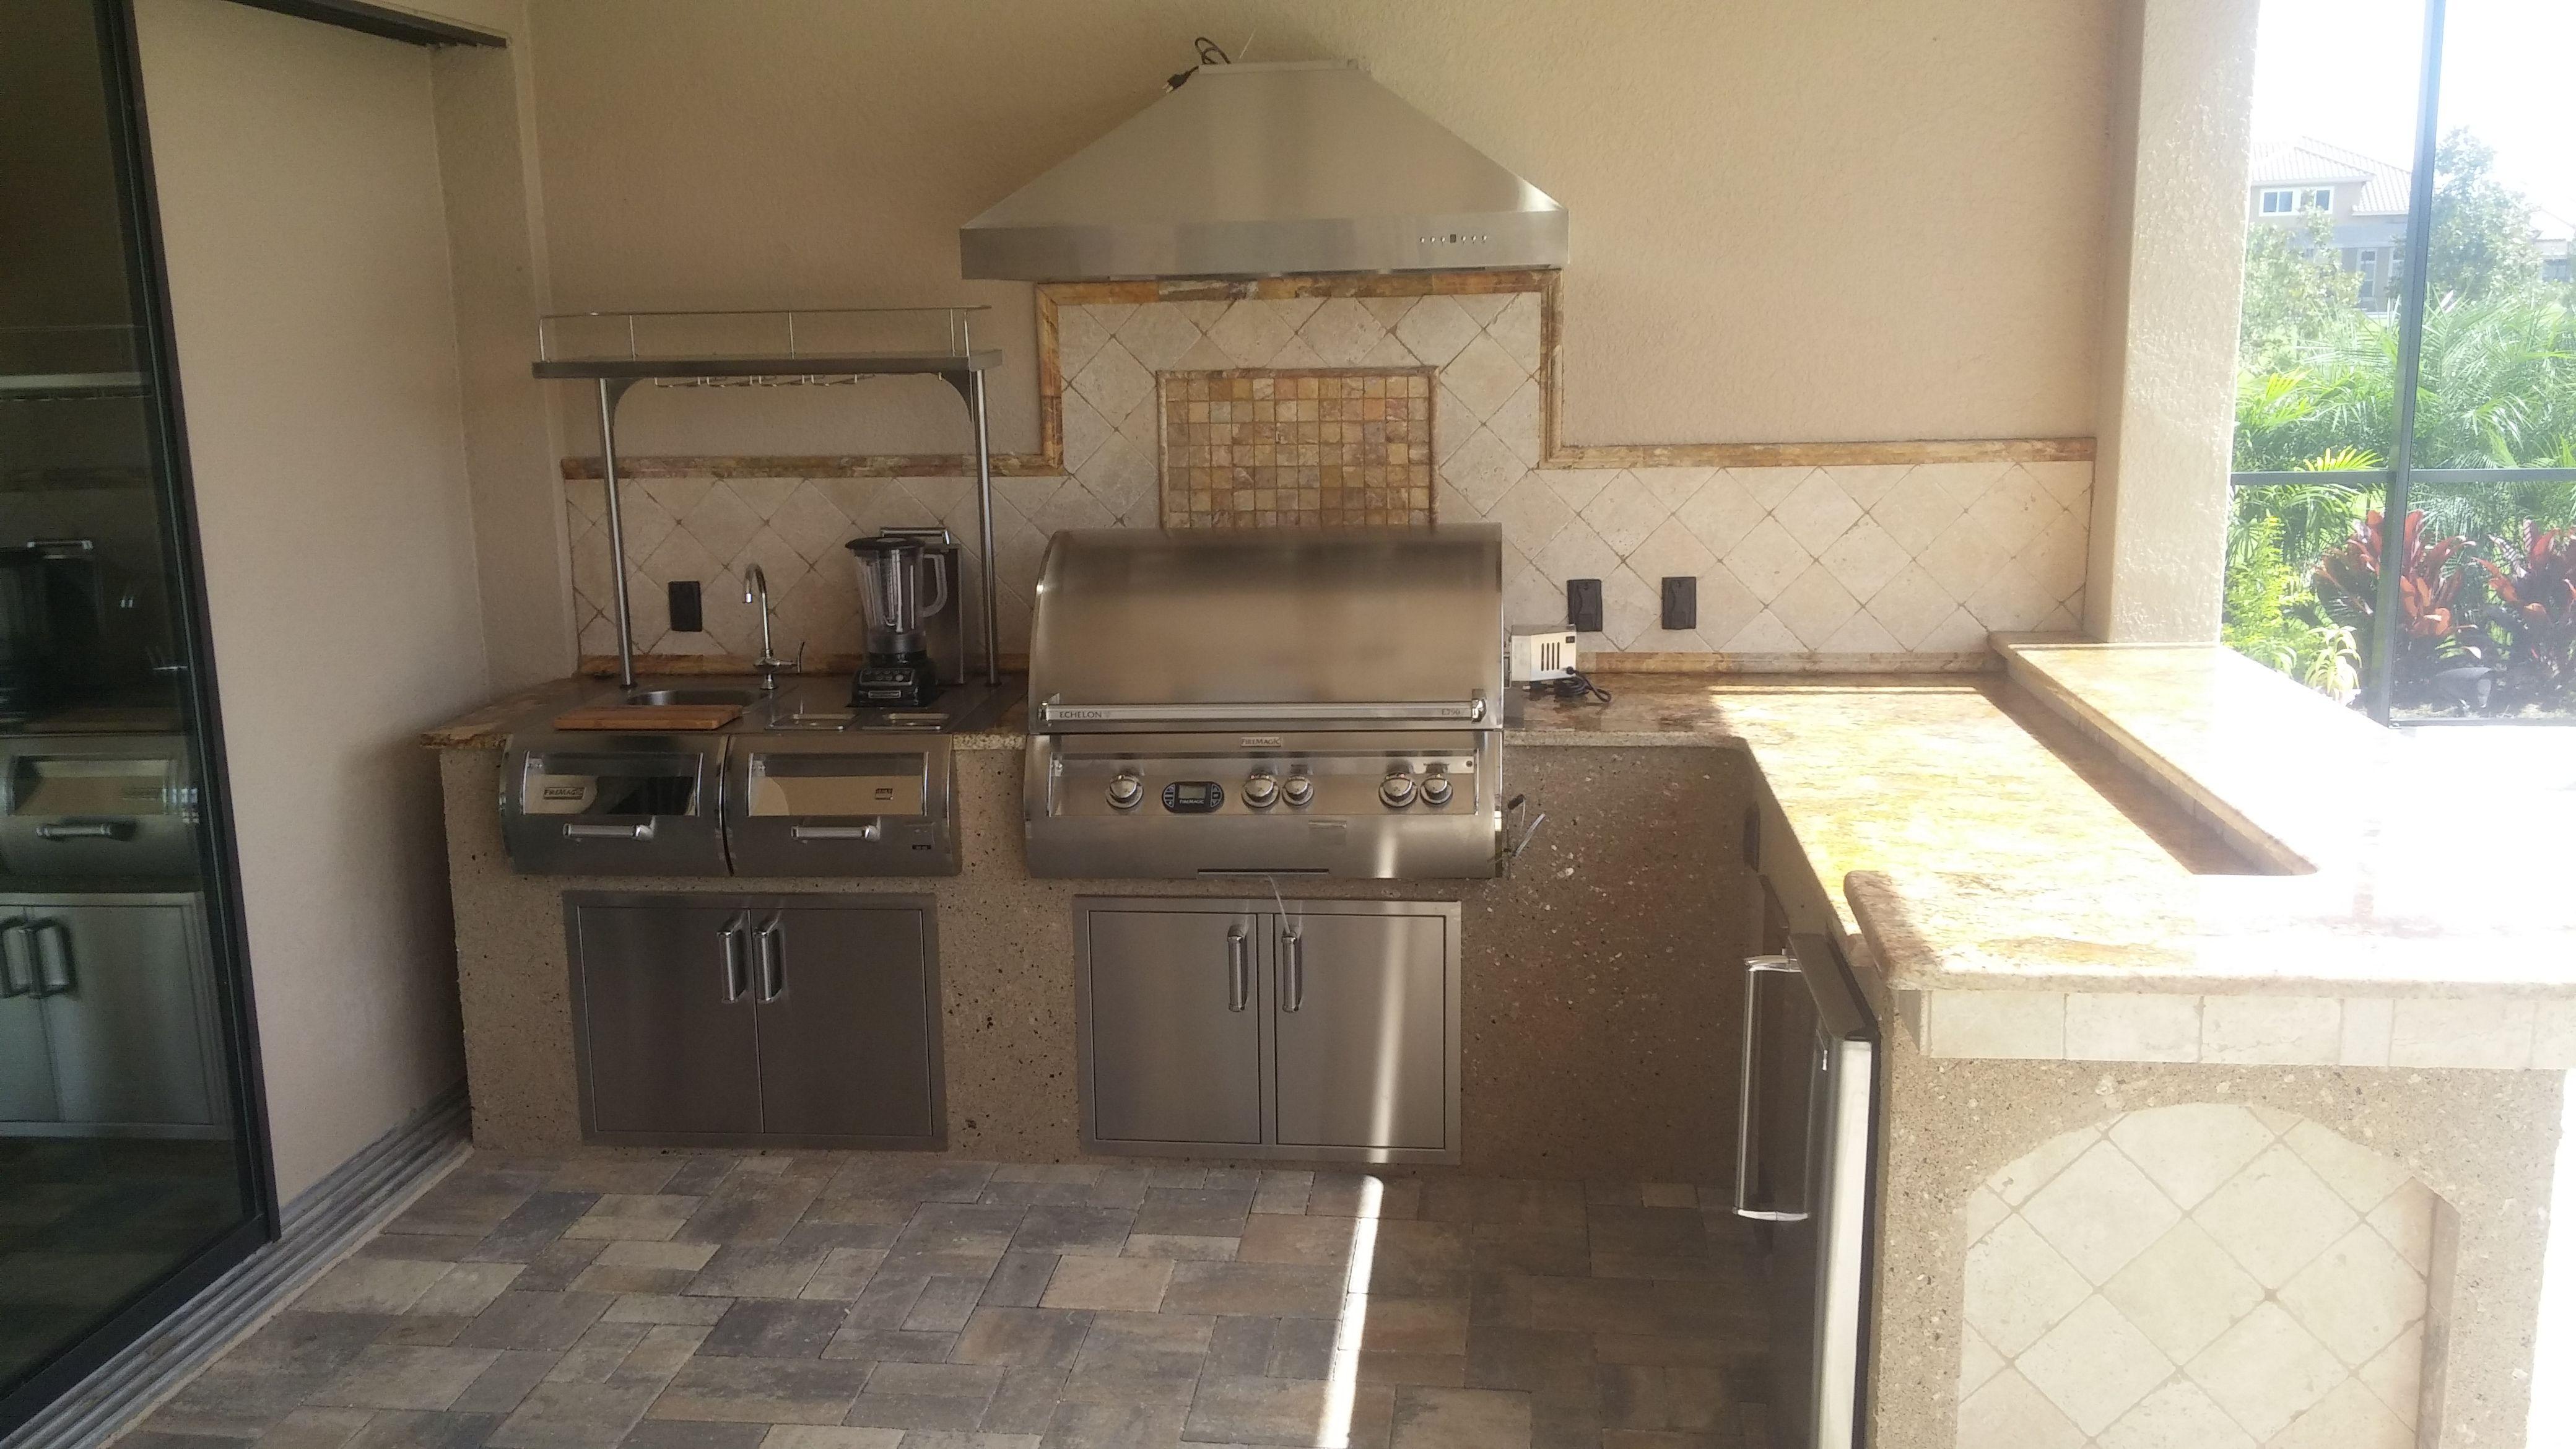 backsplash outdoor kitchen kitchen design summer kitchen on outdoor kitchen backsplash id=49647